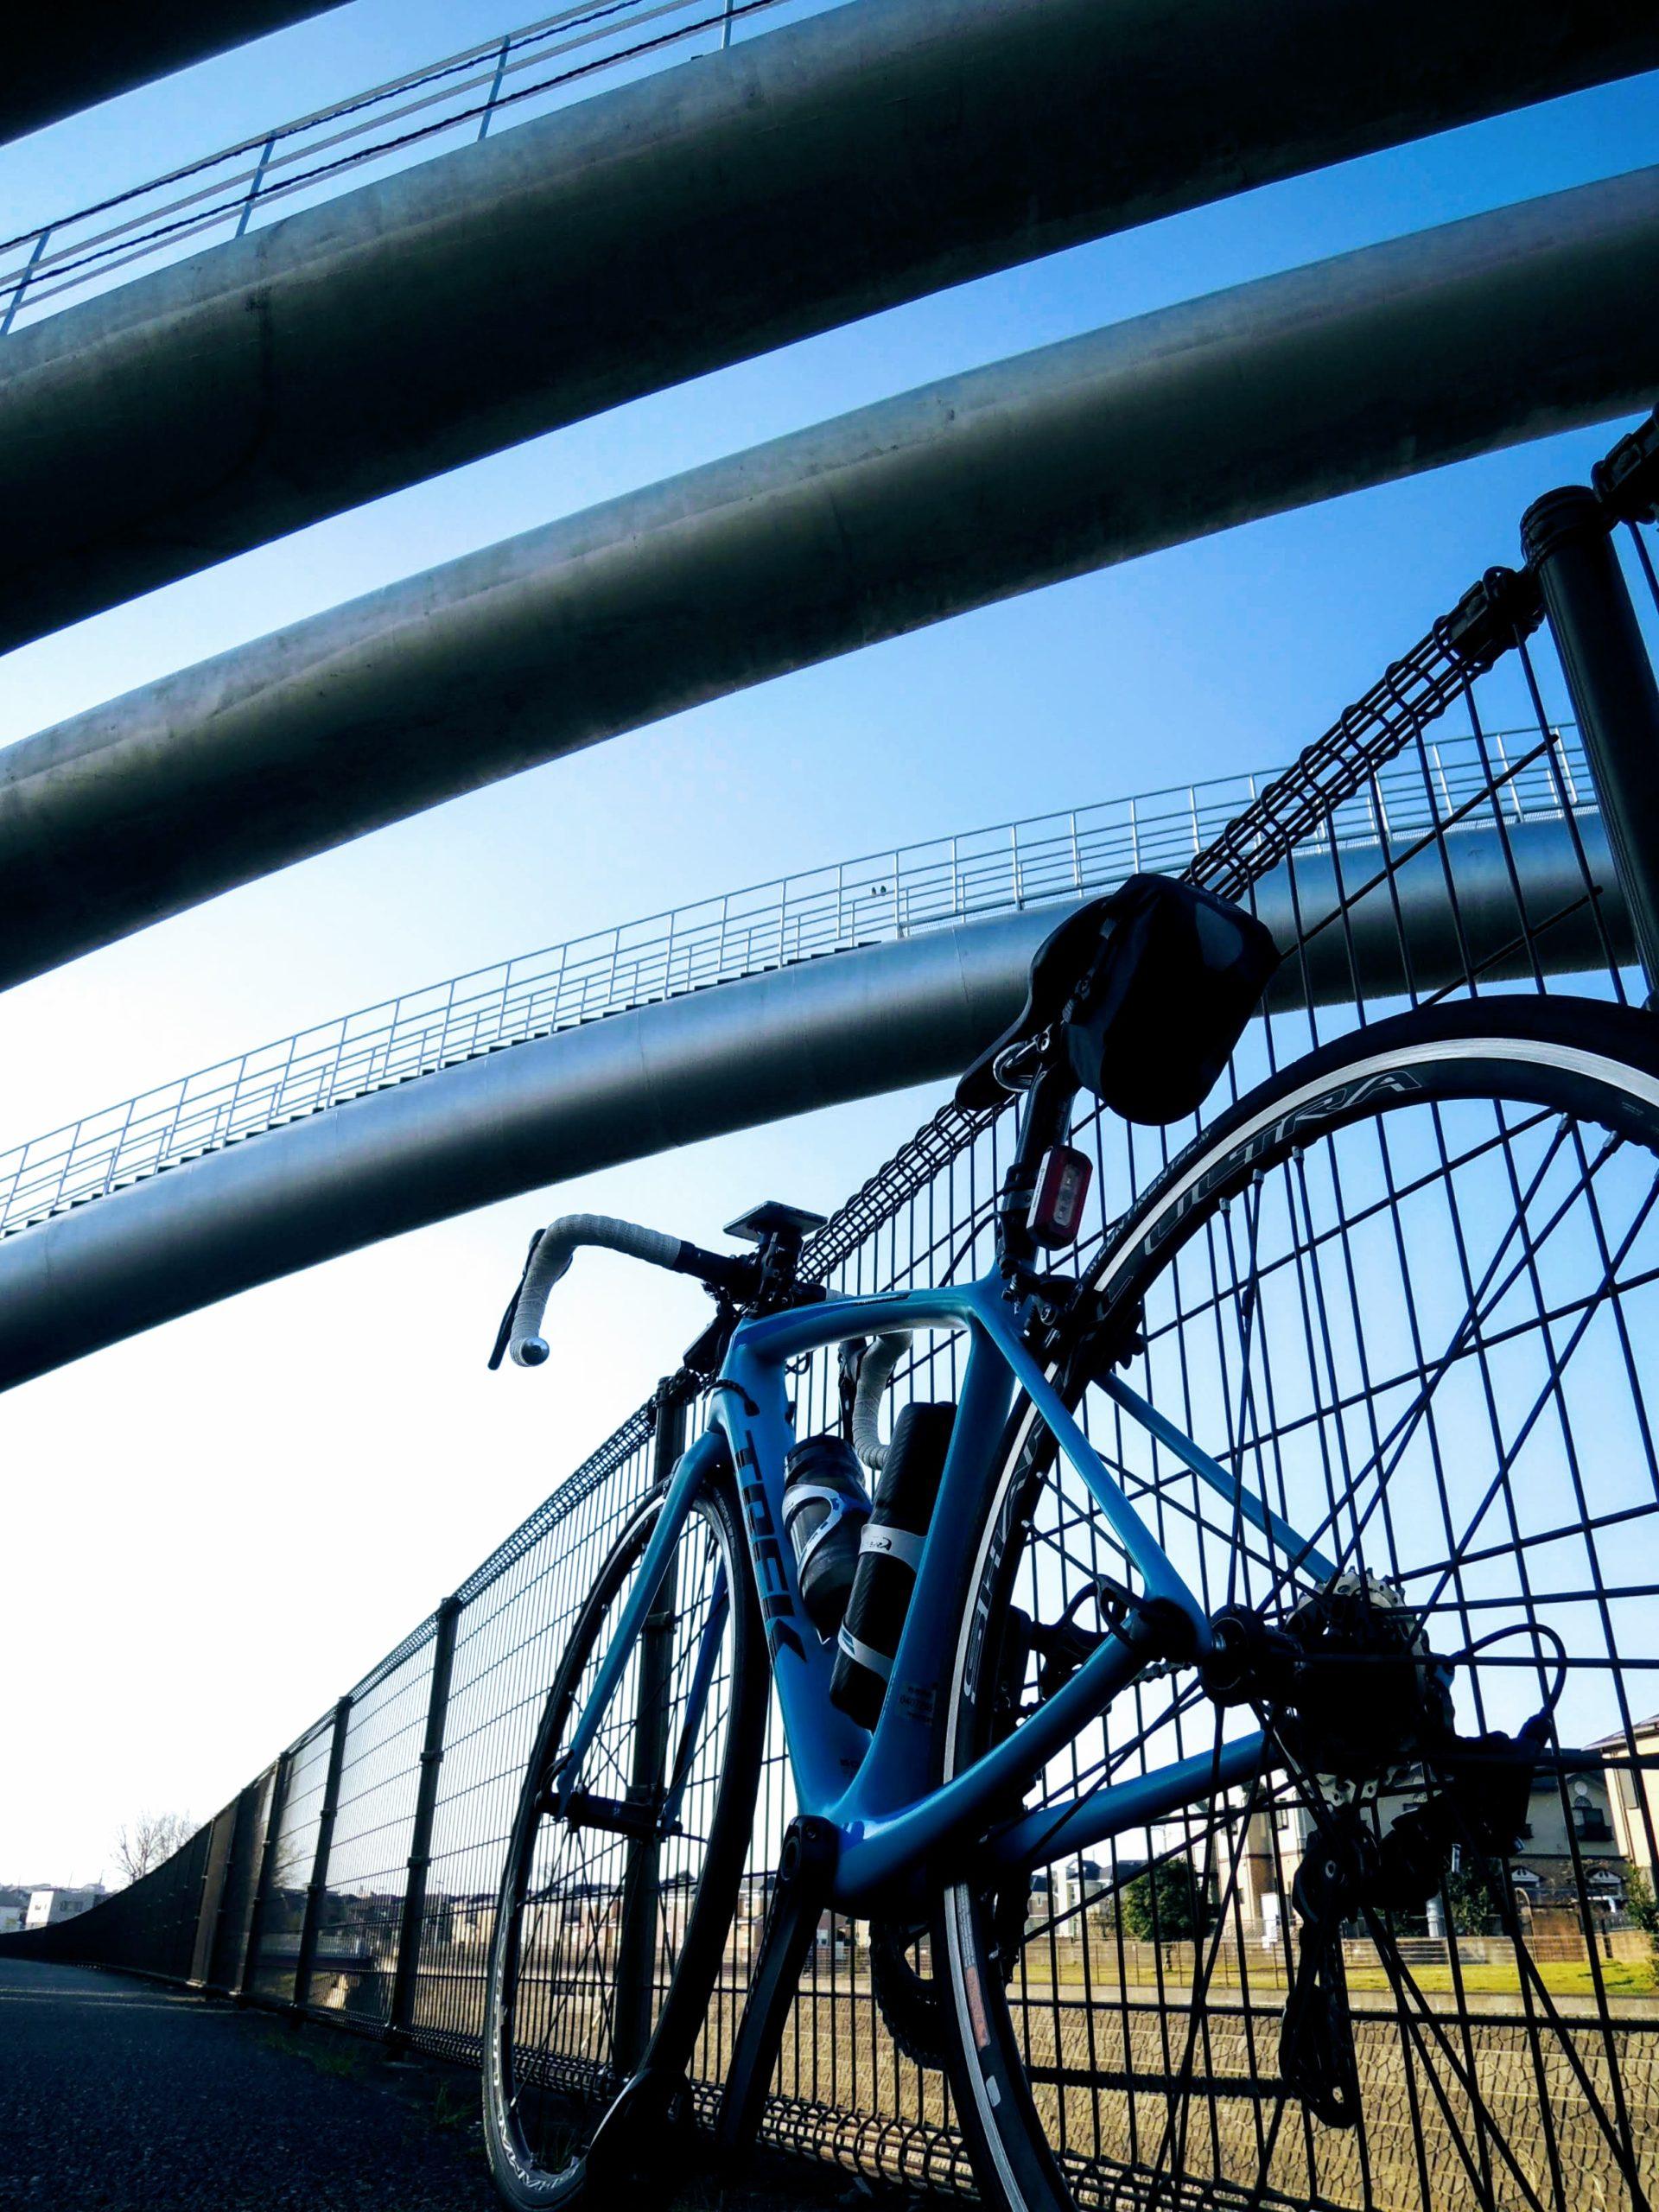 境川サイクリングロードの水管橋下で出発の時